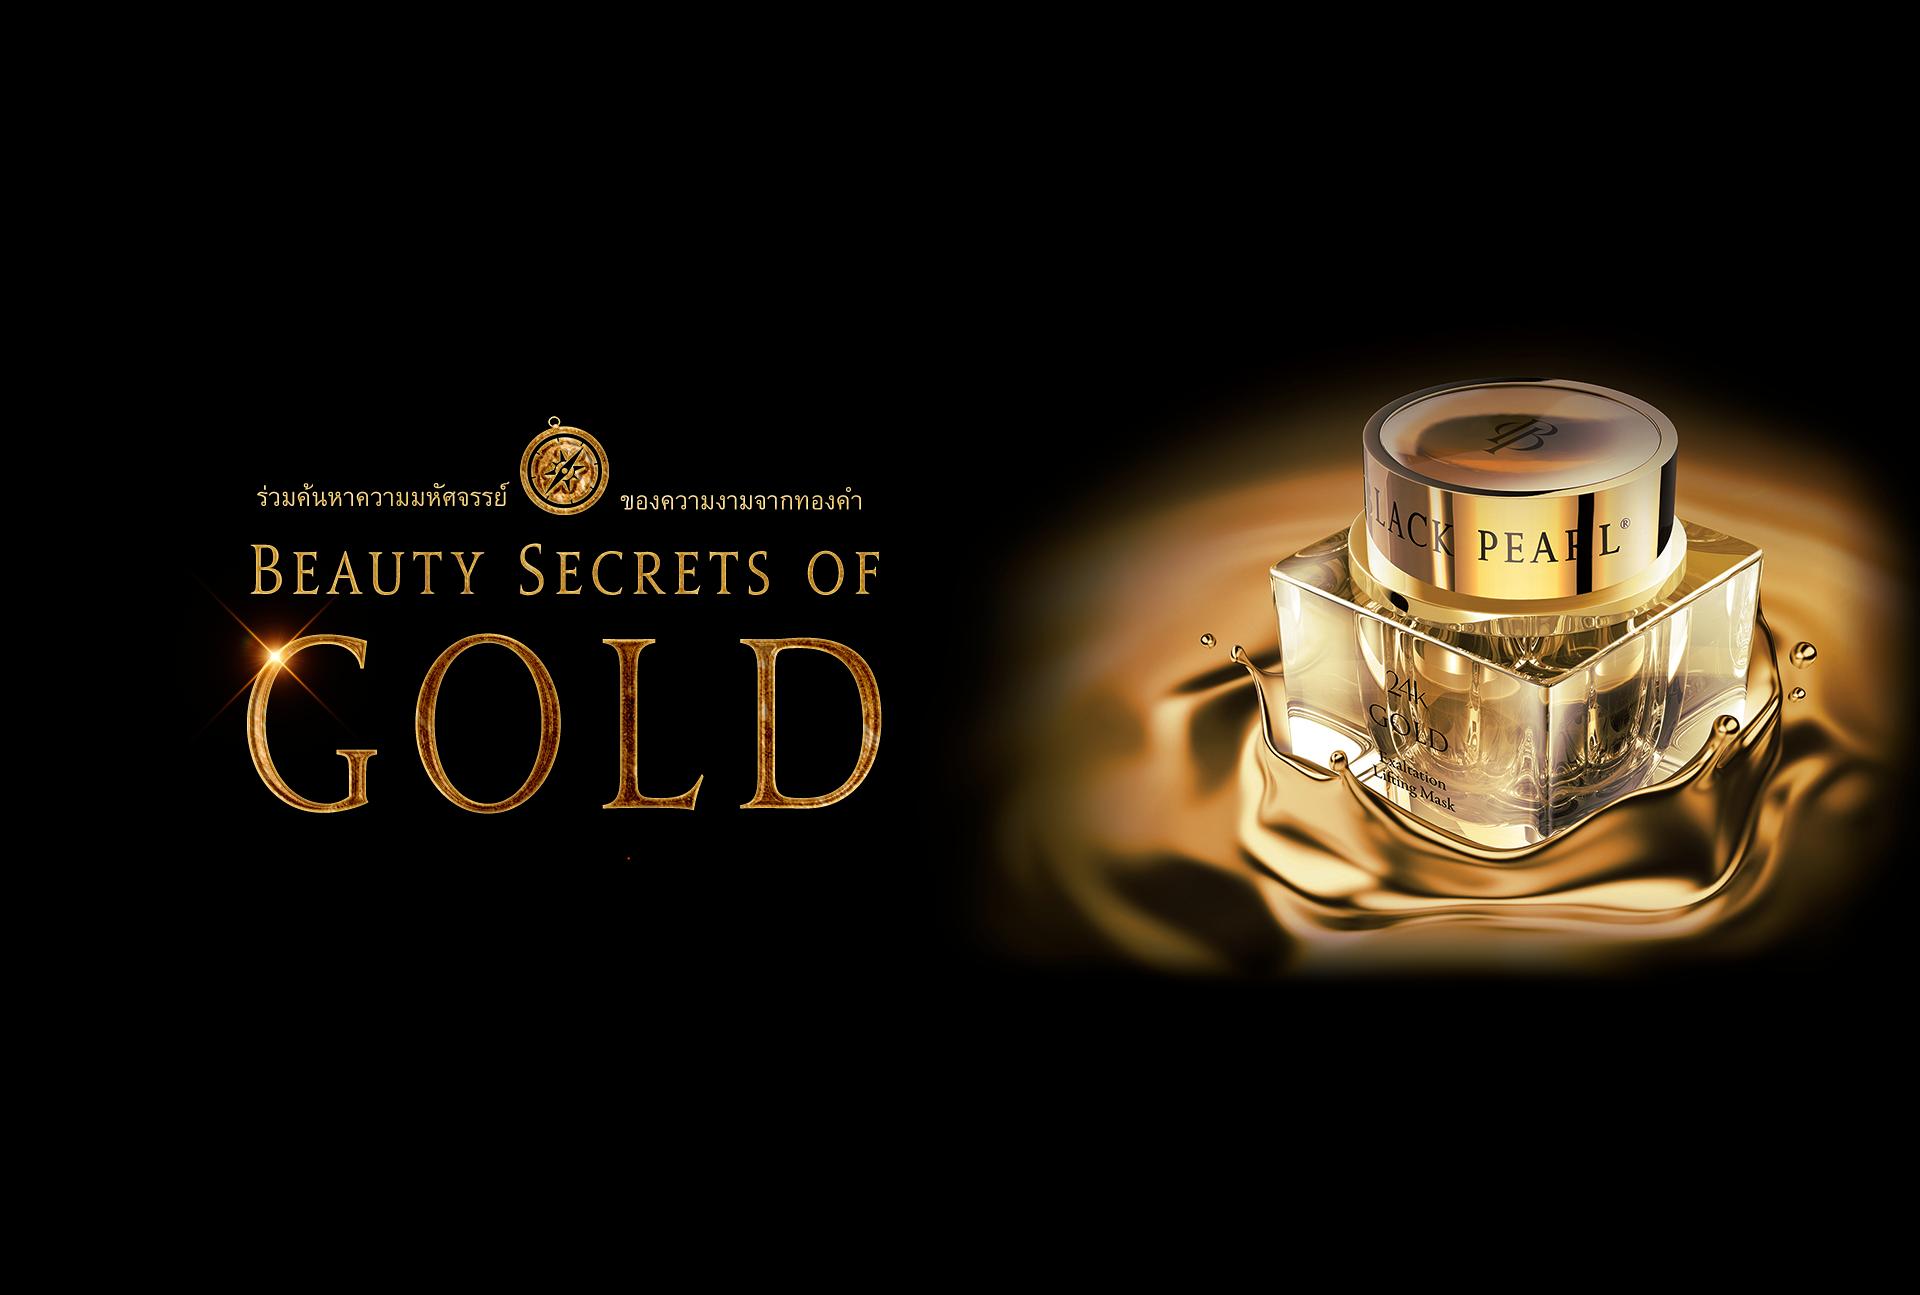 Gold the Ancient Beauty Secret